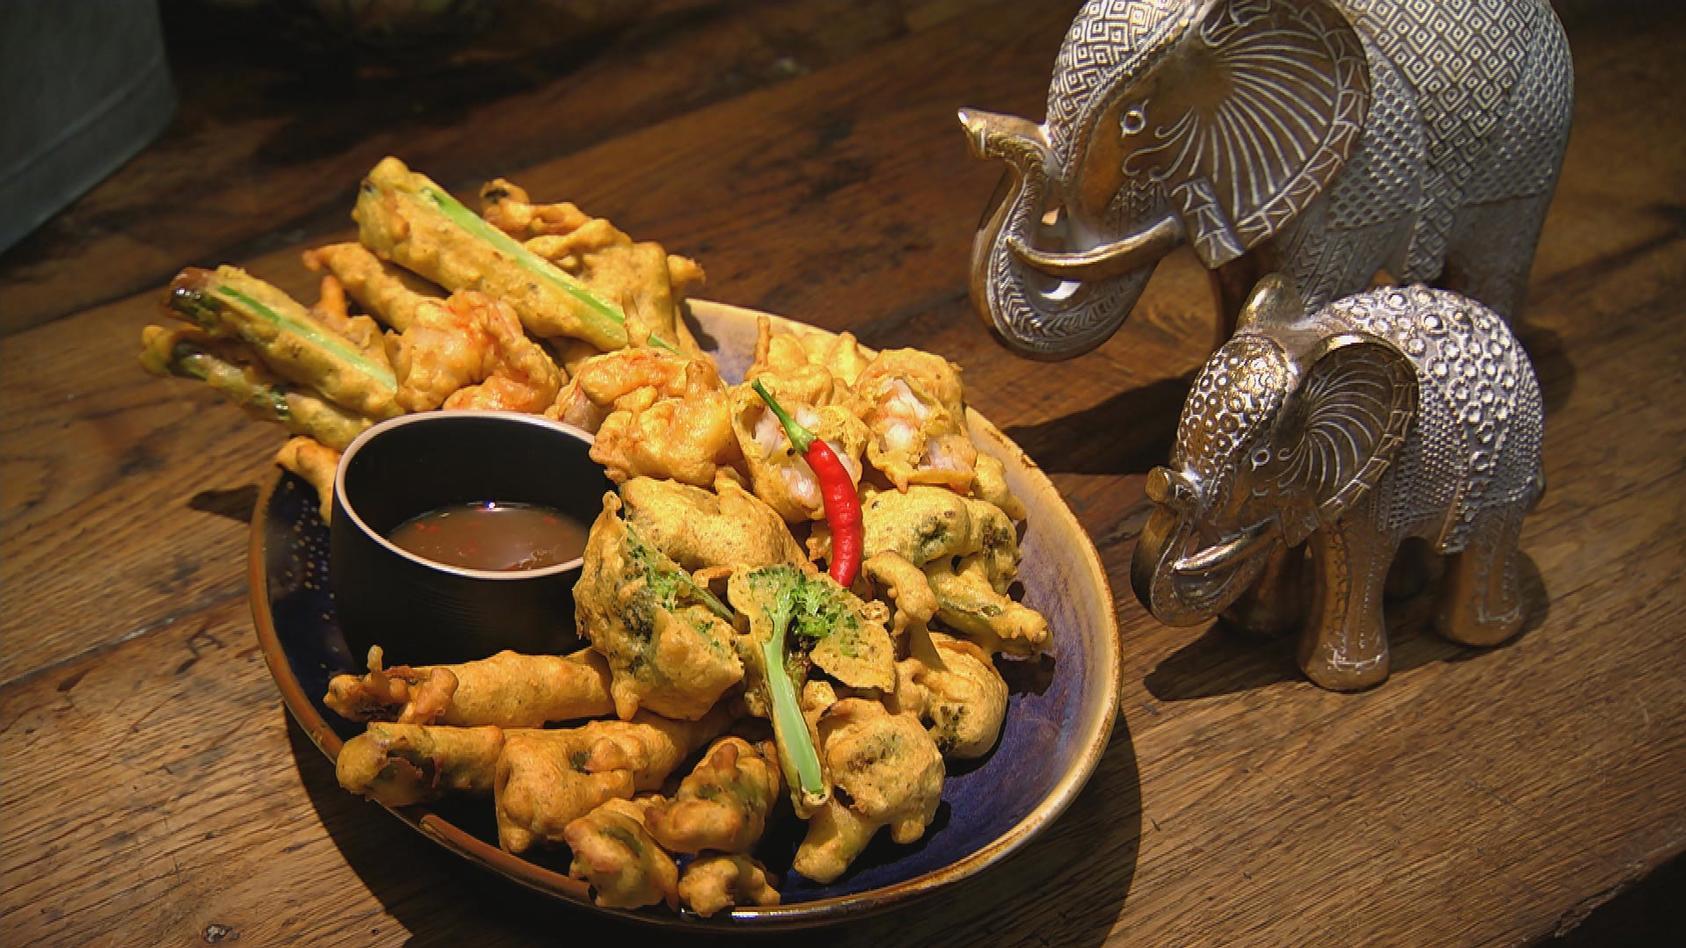 Buntes Bollywood – Indische Küche für Einsteiger: Buntes Pakora-Gemüse